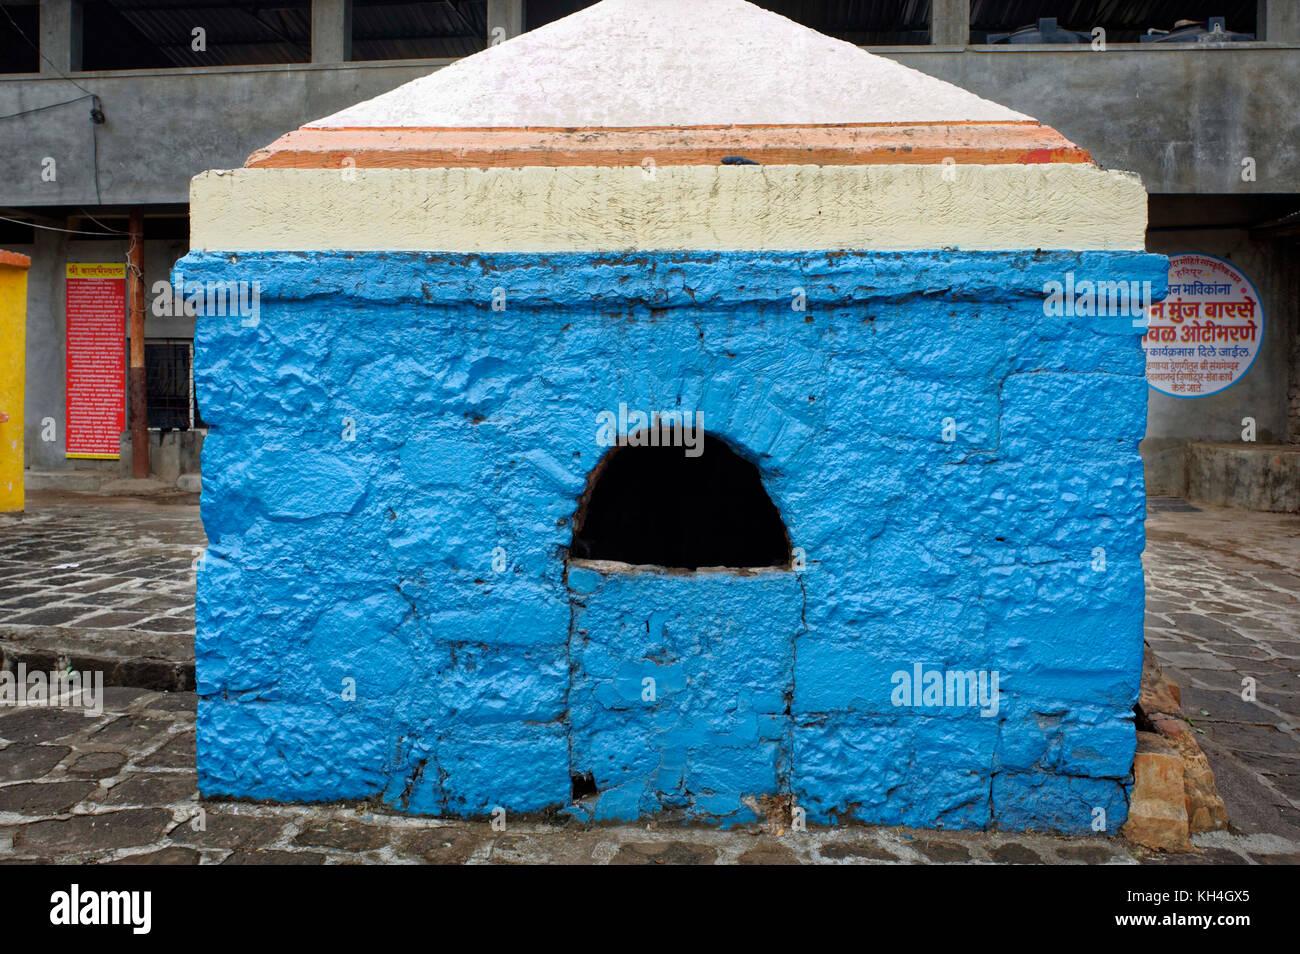 Tirth kund im sangameshwara Tempel Komplex, Sangli, Maharashtra, Indien, Asien Stockbild